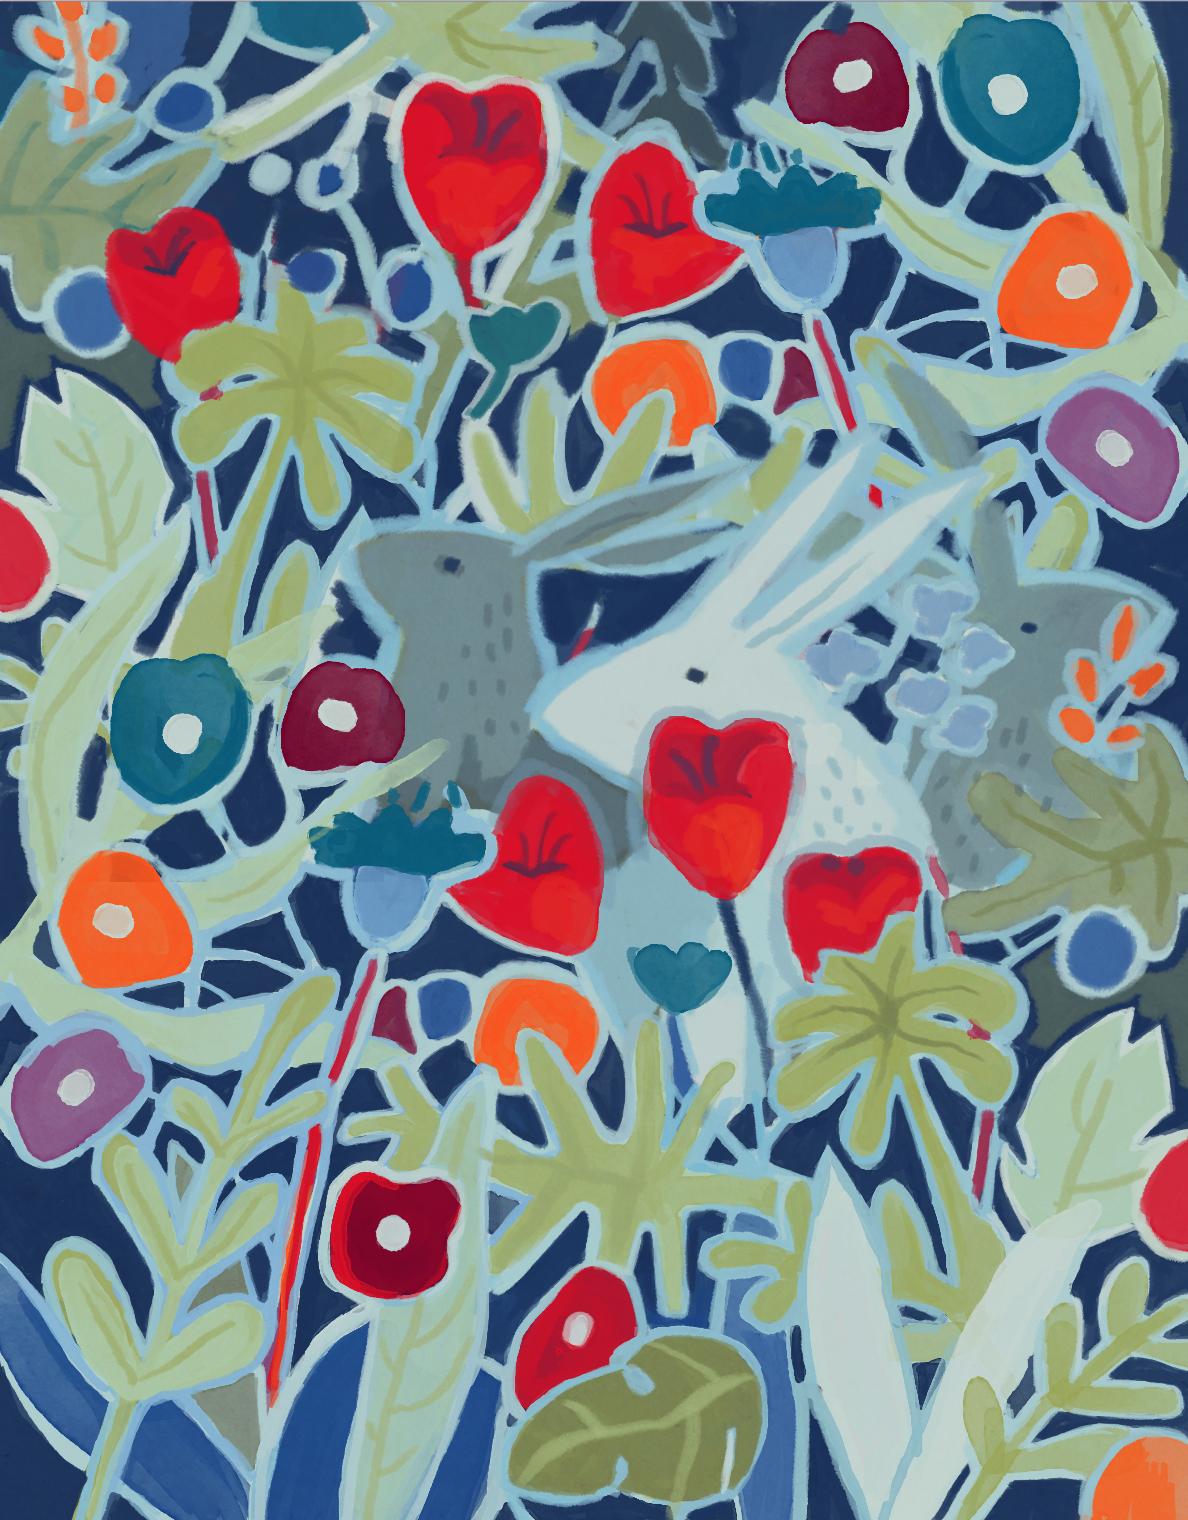 watership-down-botanical-illustration-clare-freeman.png